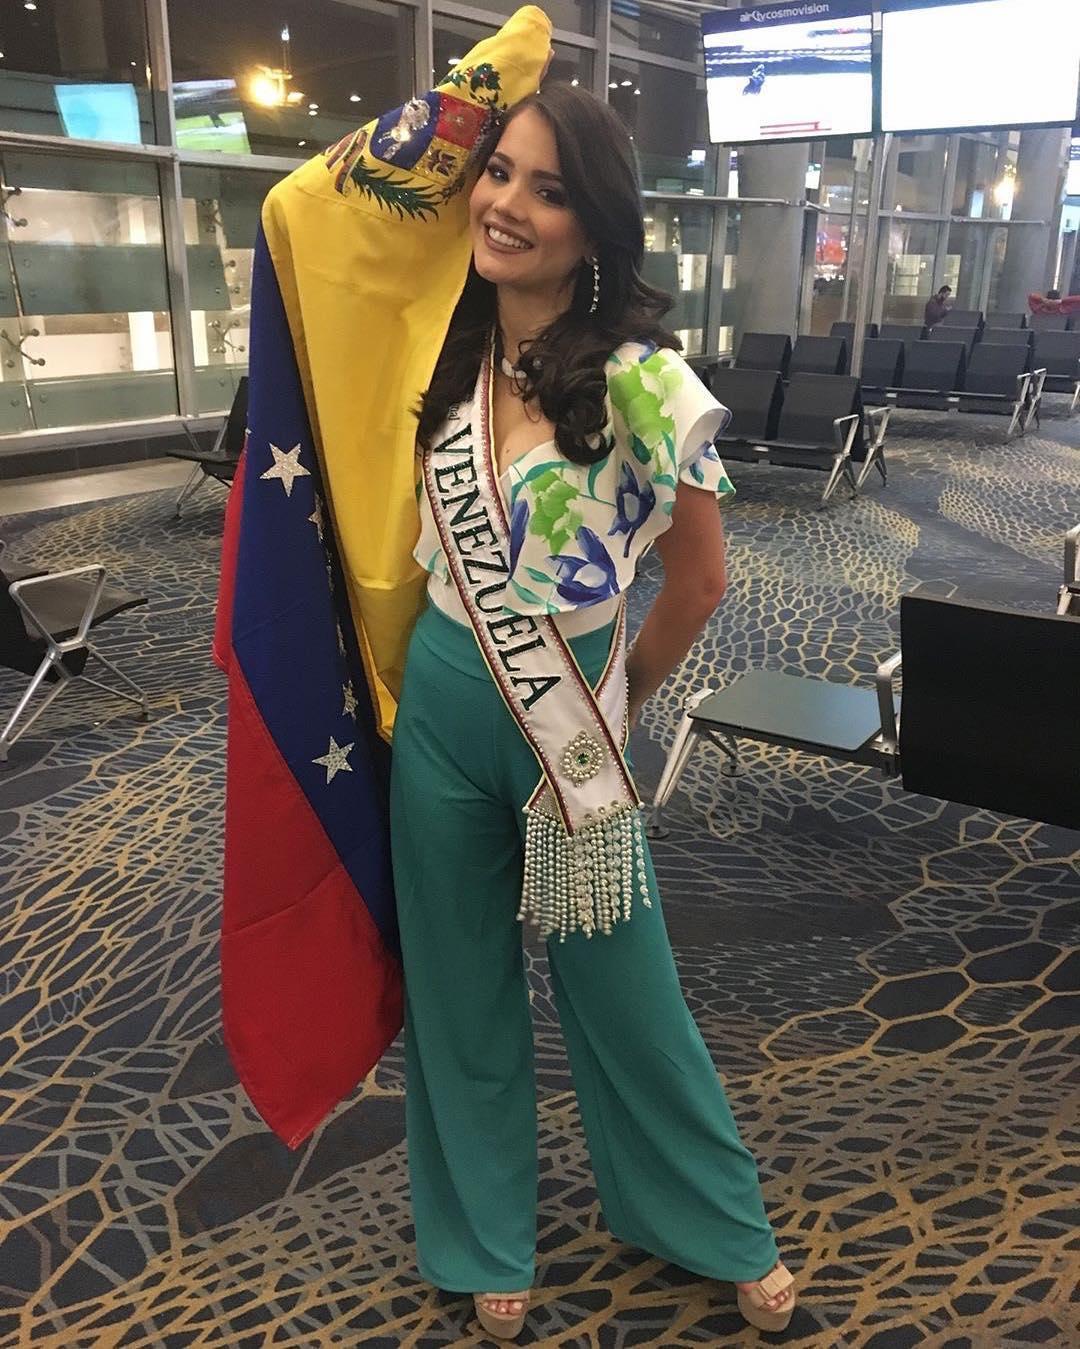 maria sofia contreras trujillo, segunda finalista de reynado internacional cafe 2019. - Página 2 49438310